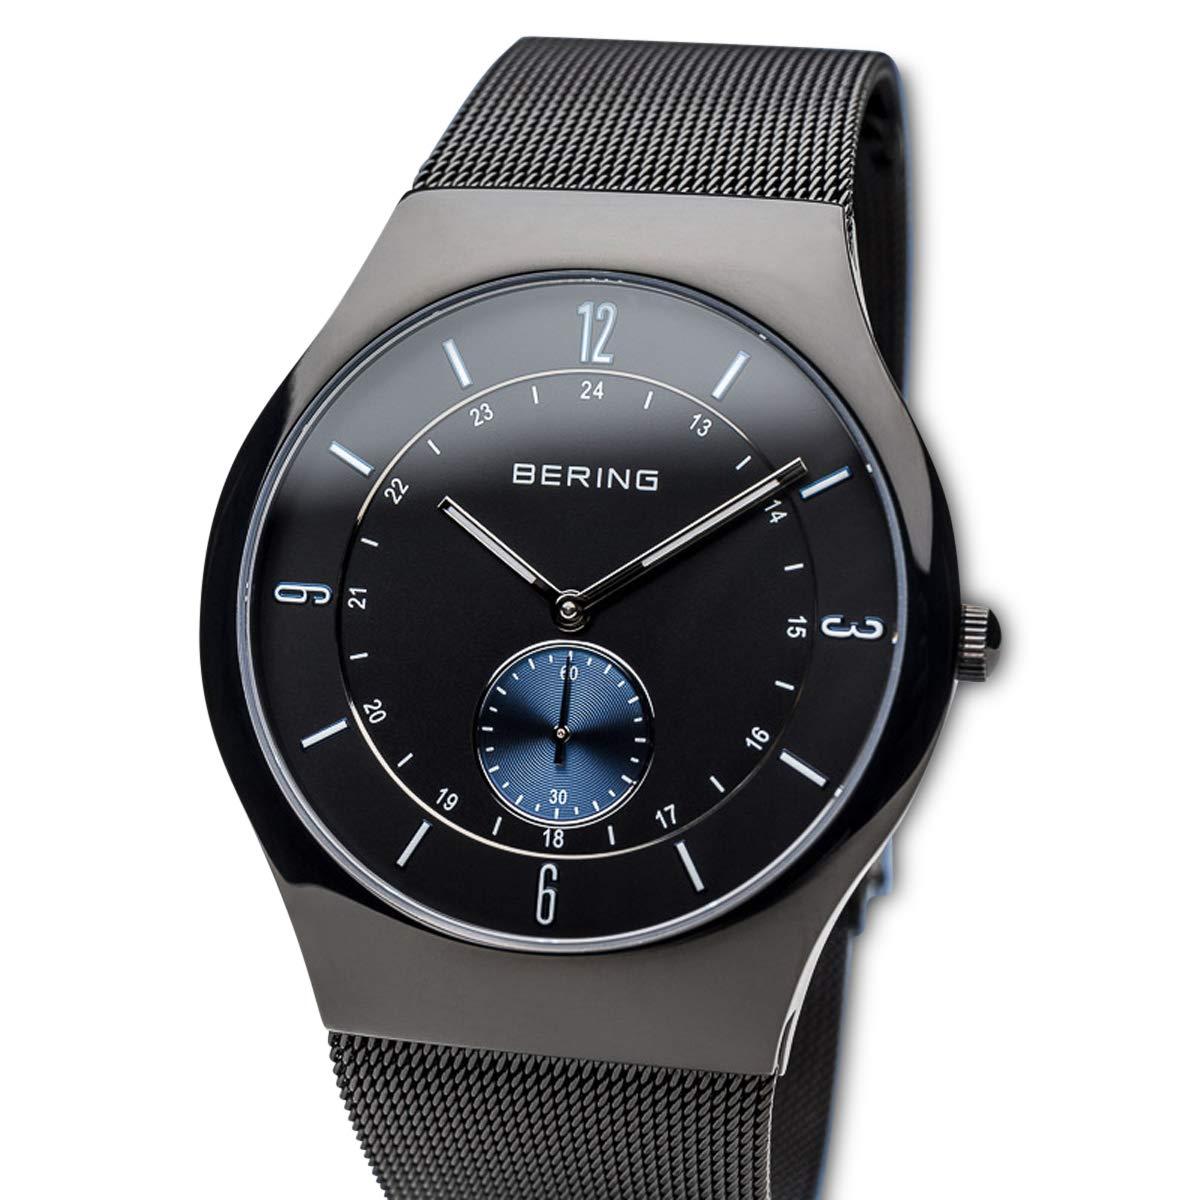 BERING Reloj Analógico para Hombre de Cuarzo con Correa en Acero Inoxidable 11940-228: Amazon.es: Relojes